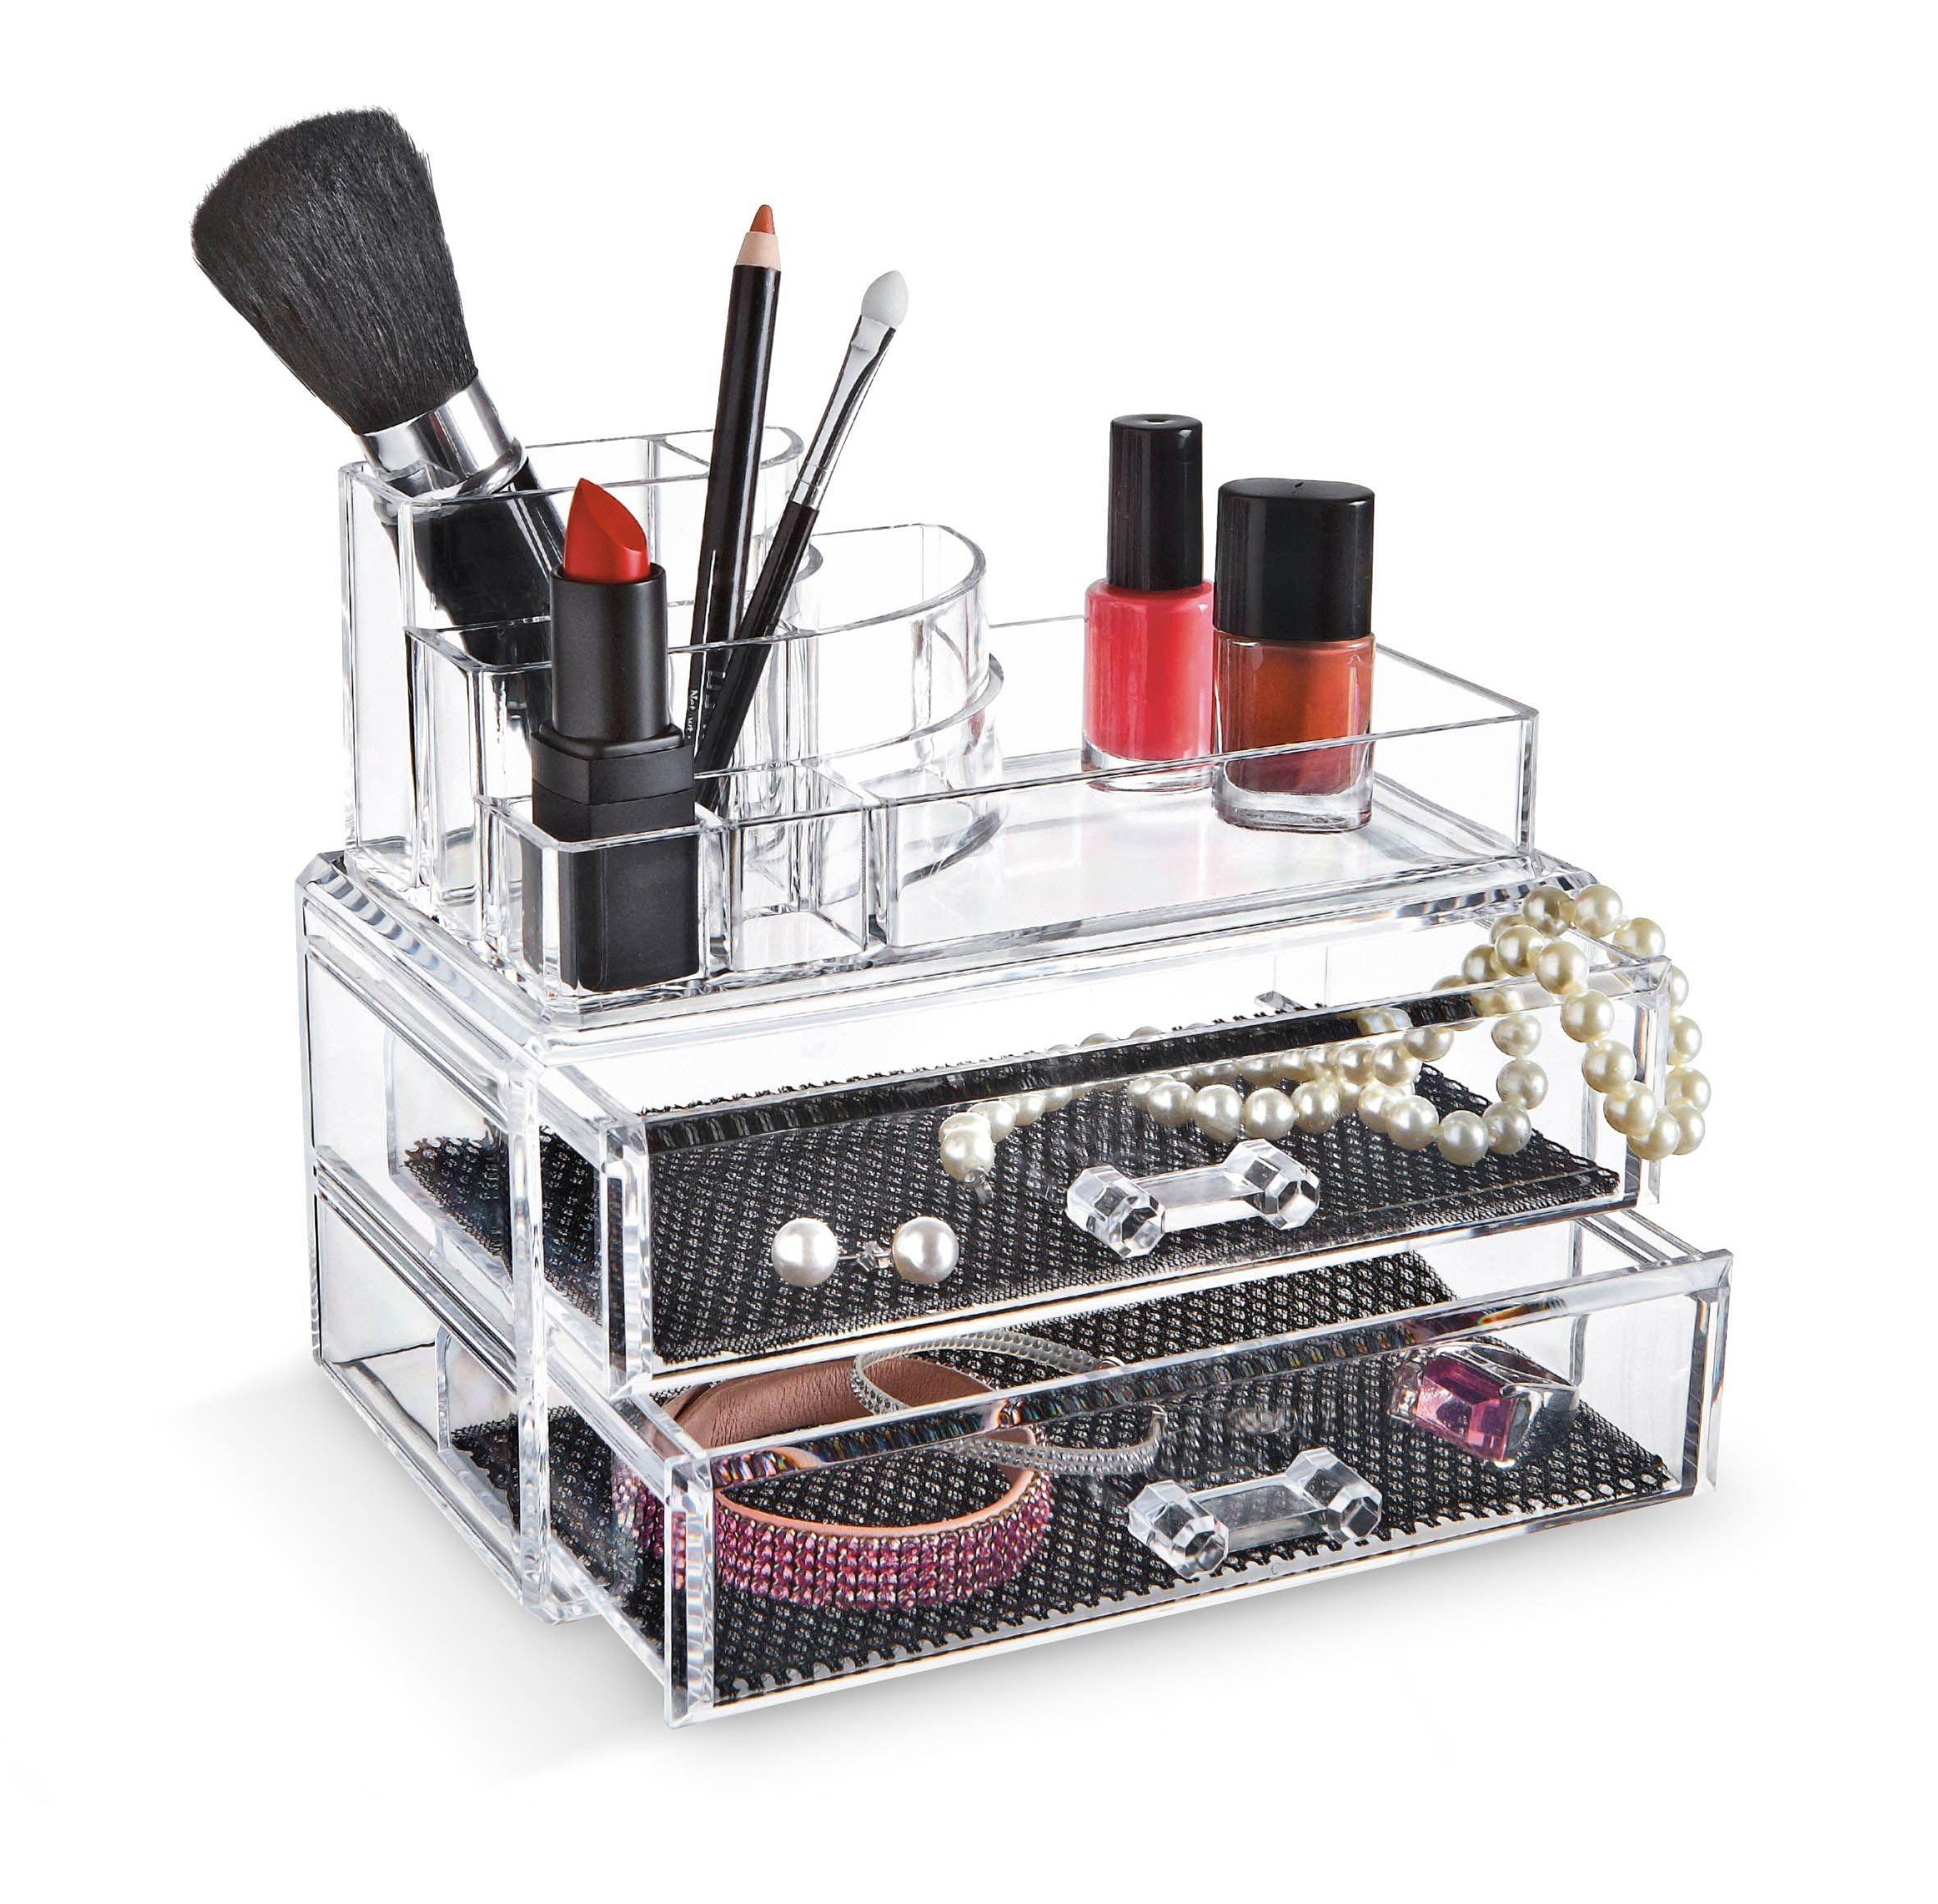 Organizator pentru cosmetice cu 9 compartimente, Beauty Transparent, l18,8xA11,5xH15,7 cm imagine